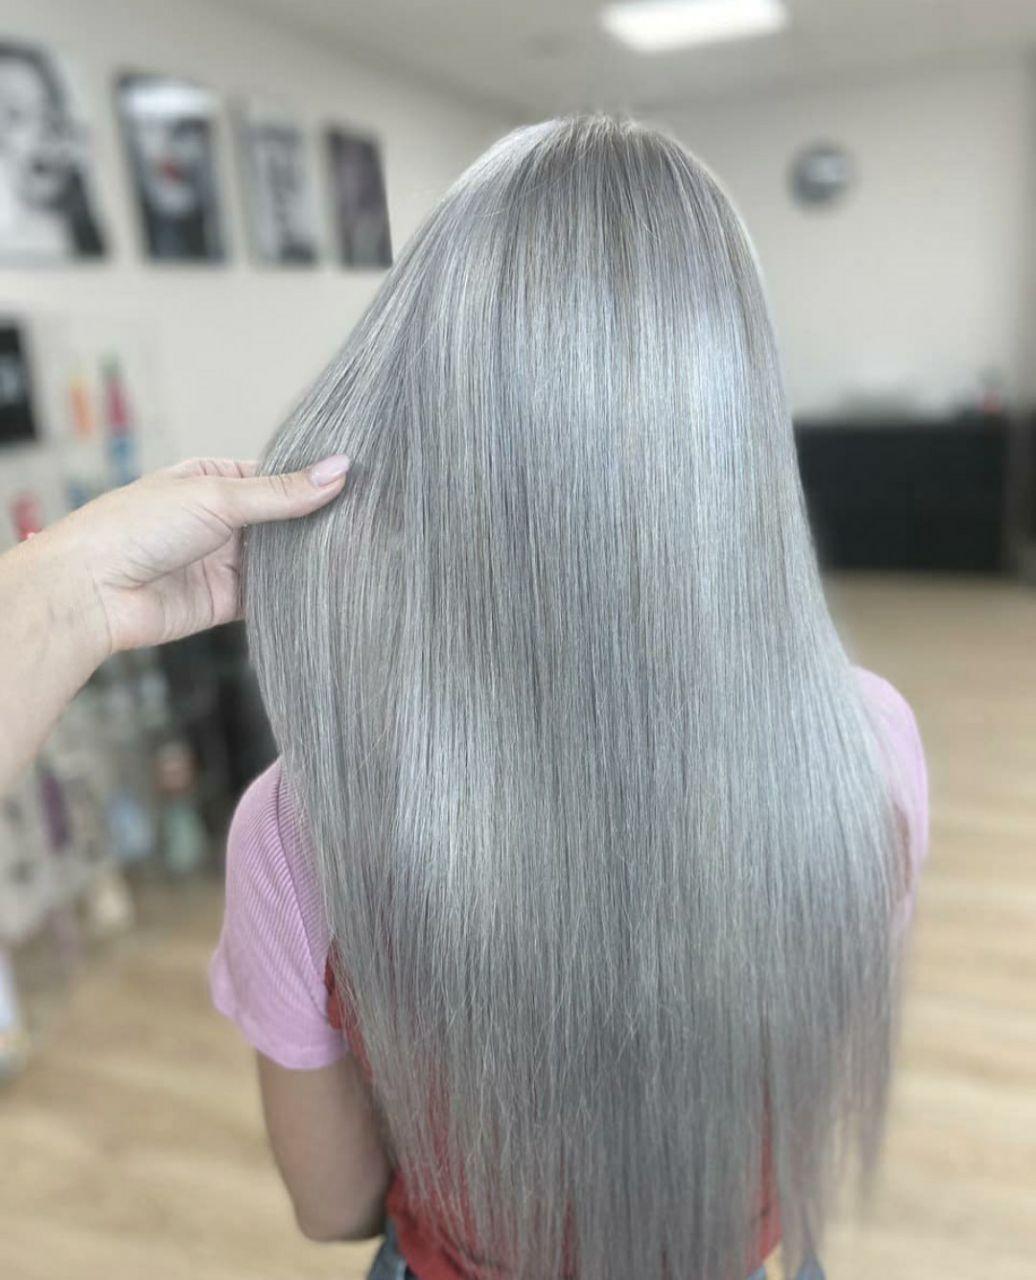 Окрашивание волос (Мастер Софья Петруканец)